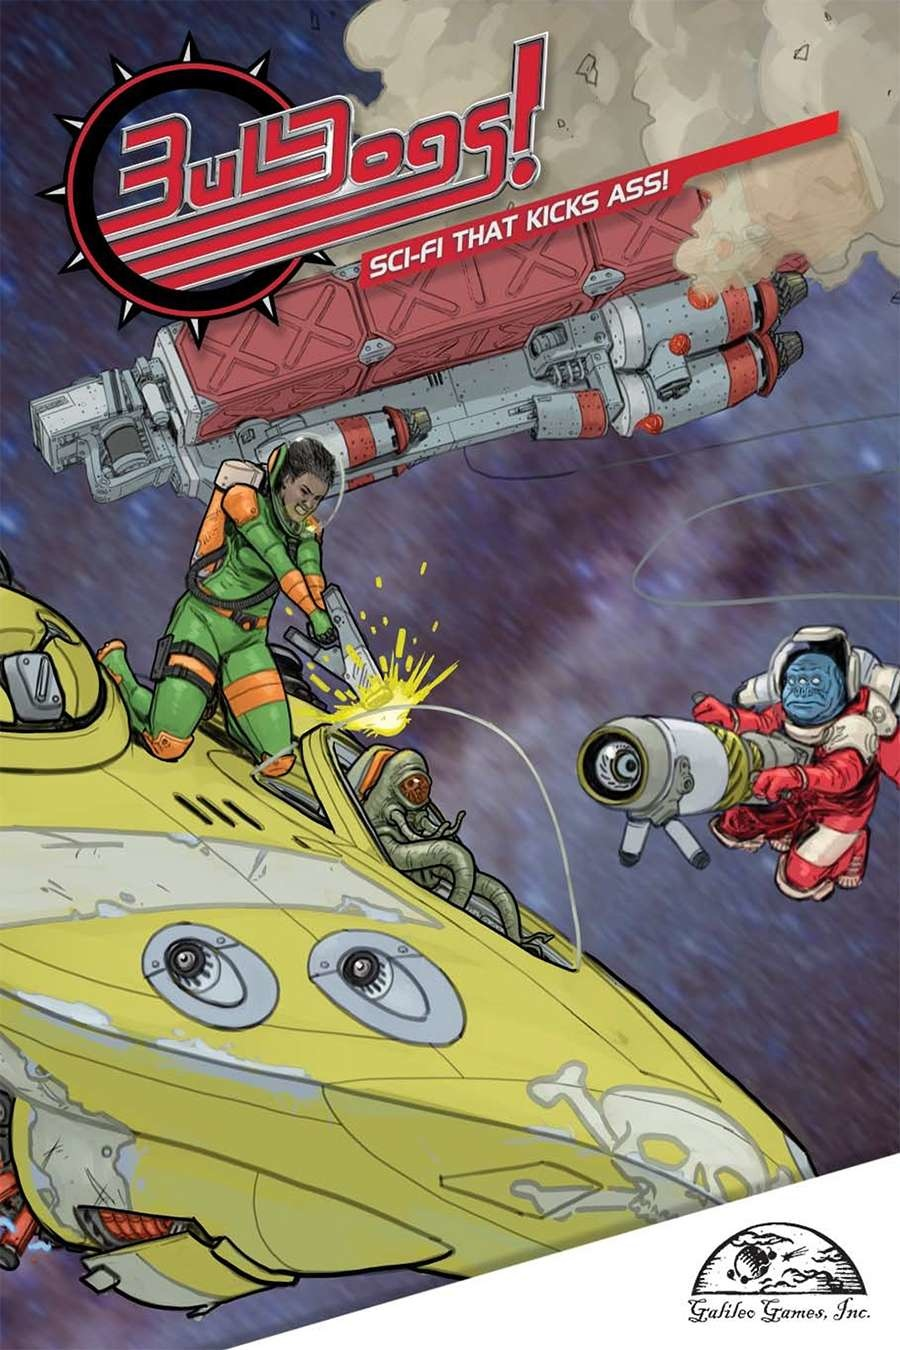 Galileo Games FATE CORE: BULLDOGS!